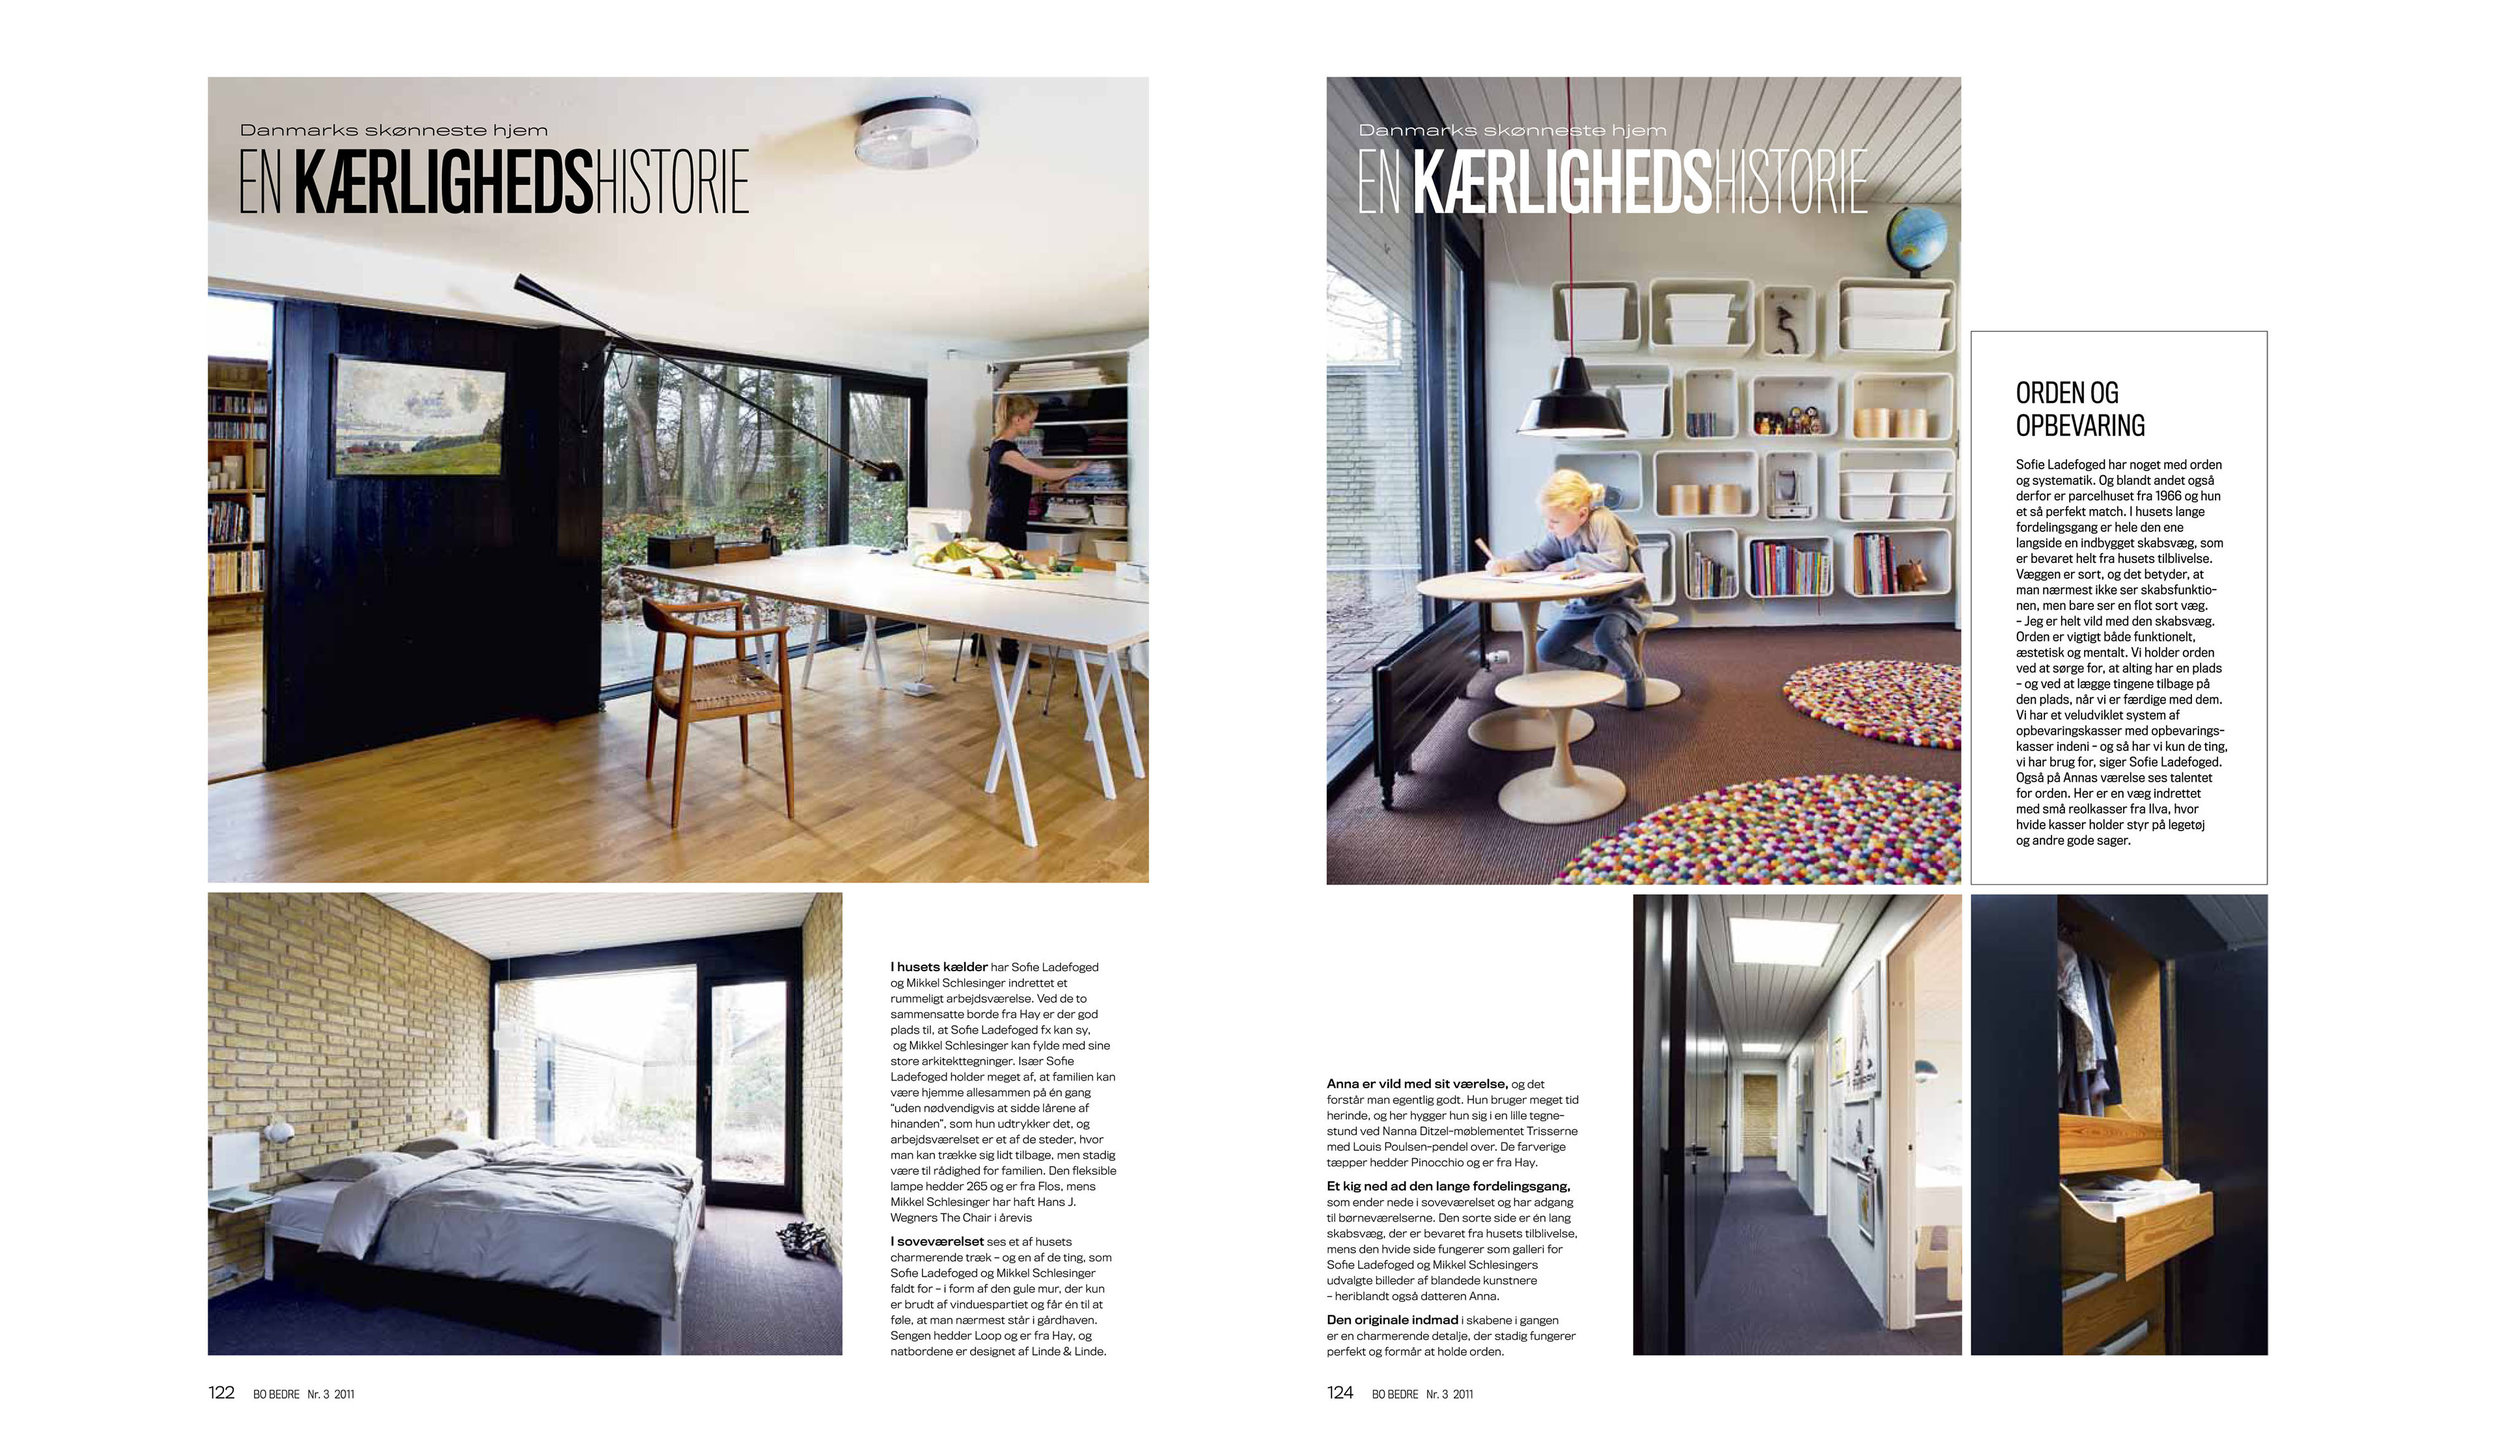 sofie-ladefoged-press-bo-bedre-2011-page-06.jpg